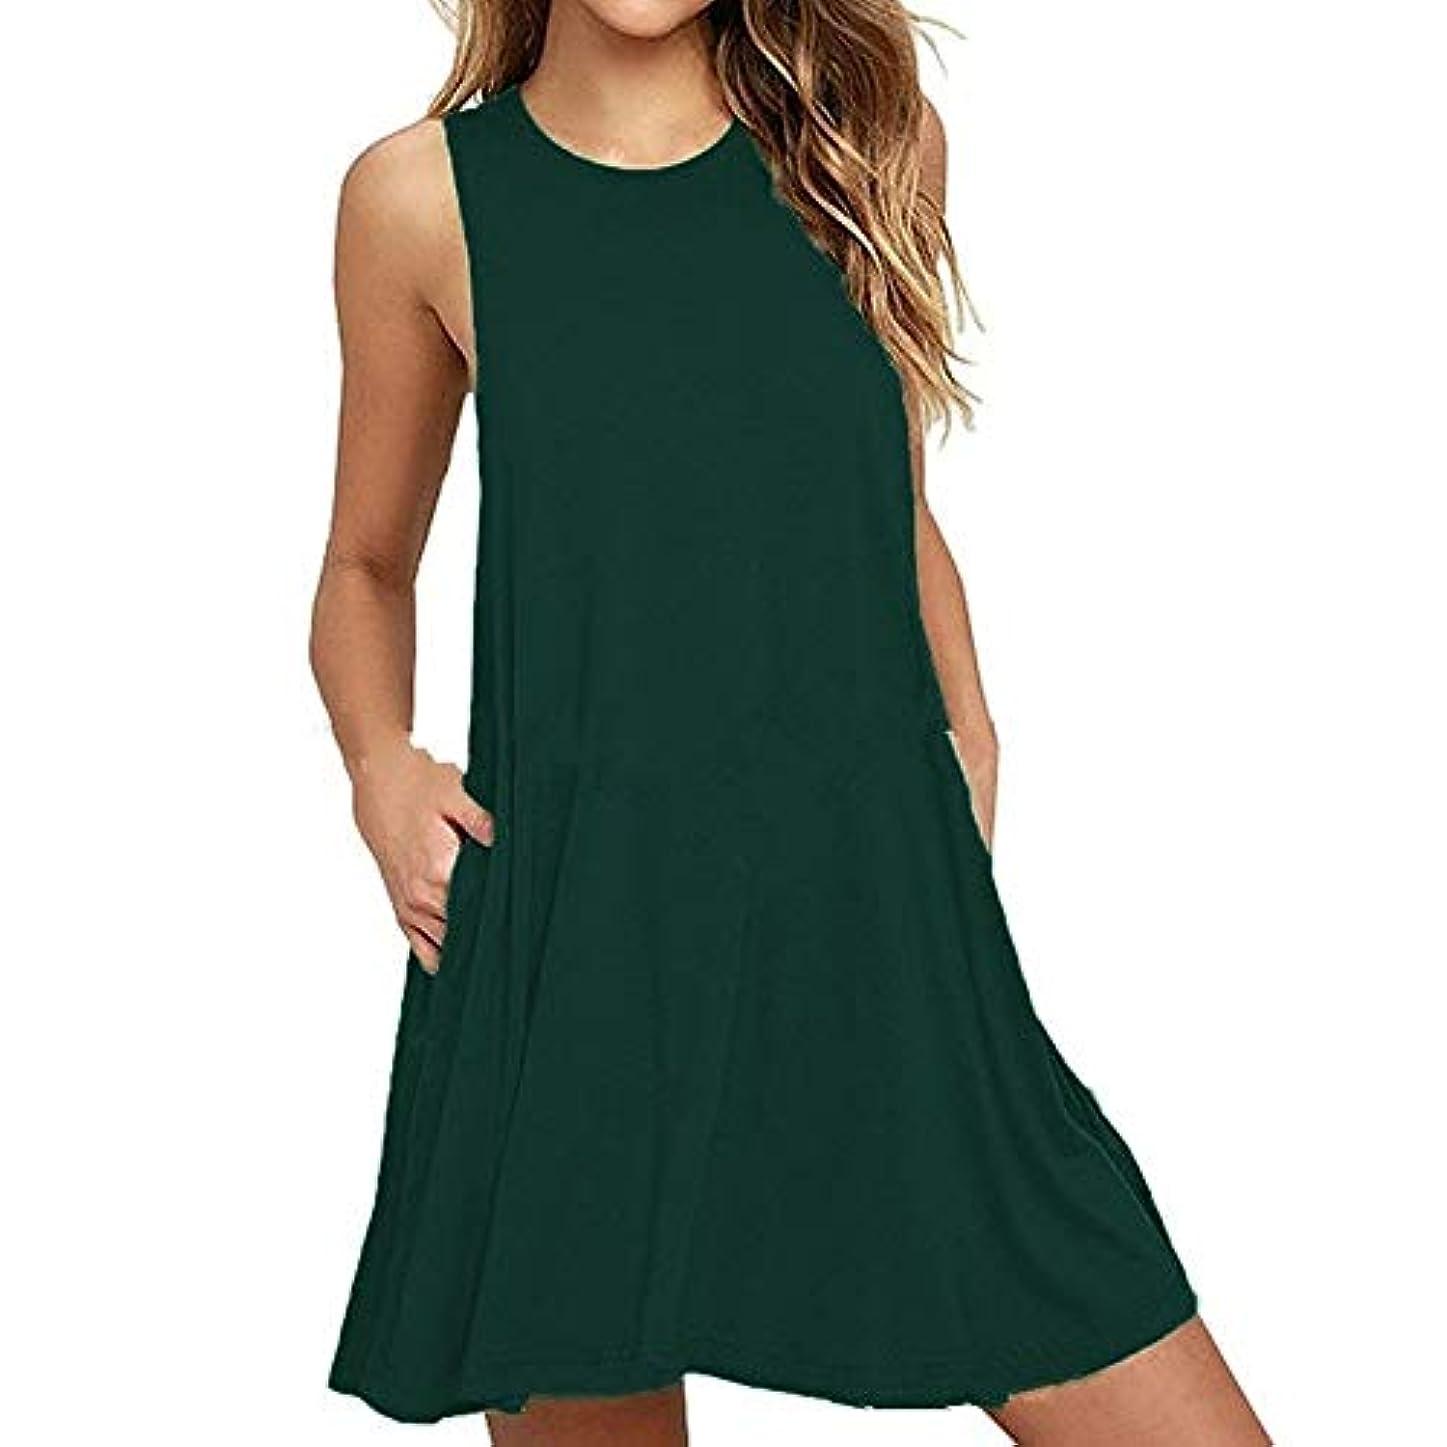 細い上流の騒々しいMIFAN 人の女性のドレス、プラスサイズのドレス、ノースリーブのドレス、ミニドレス、ホルタードレス、コットンドレス